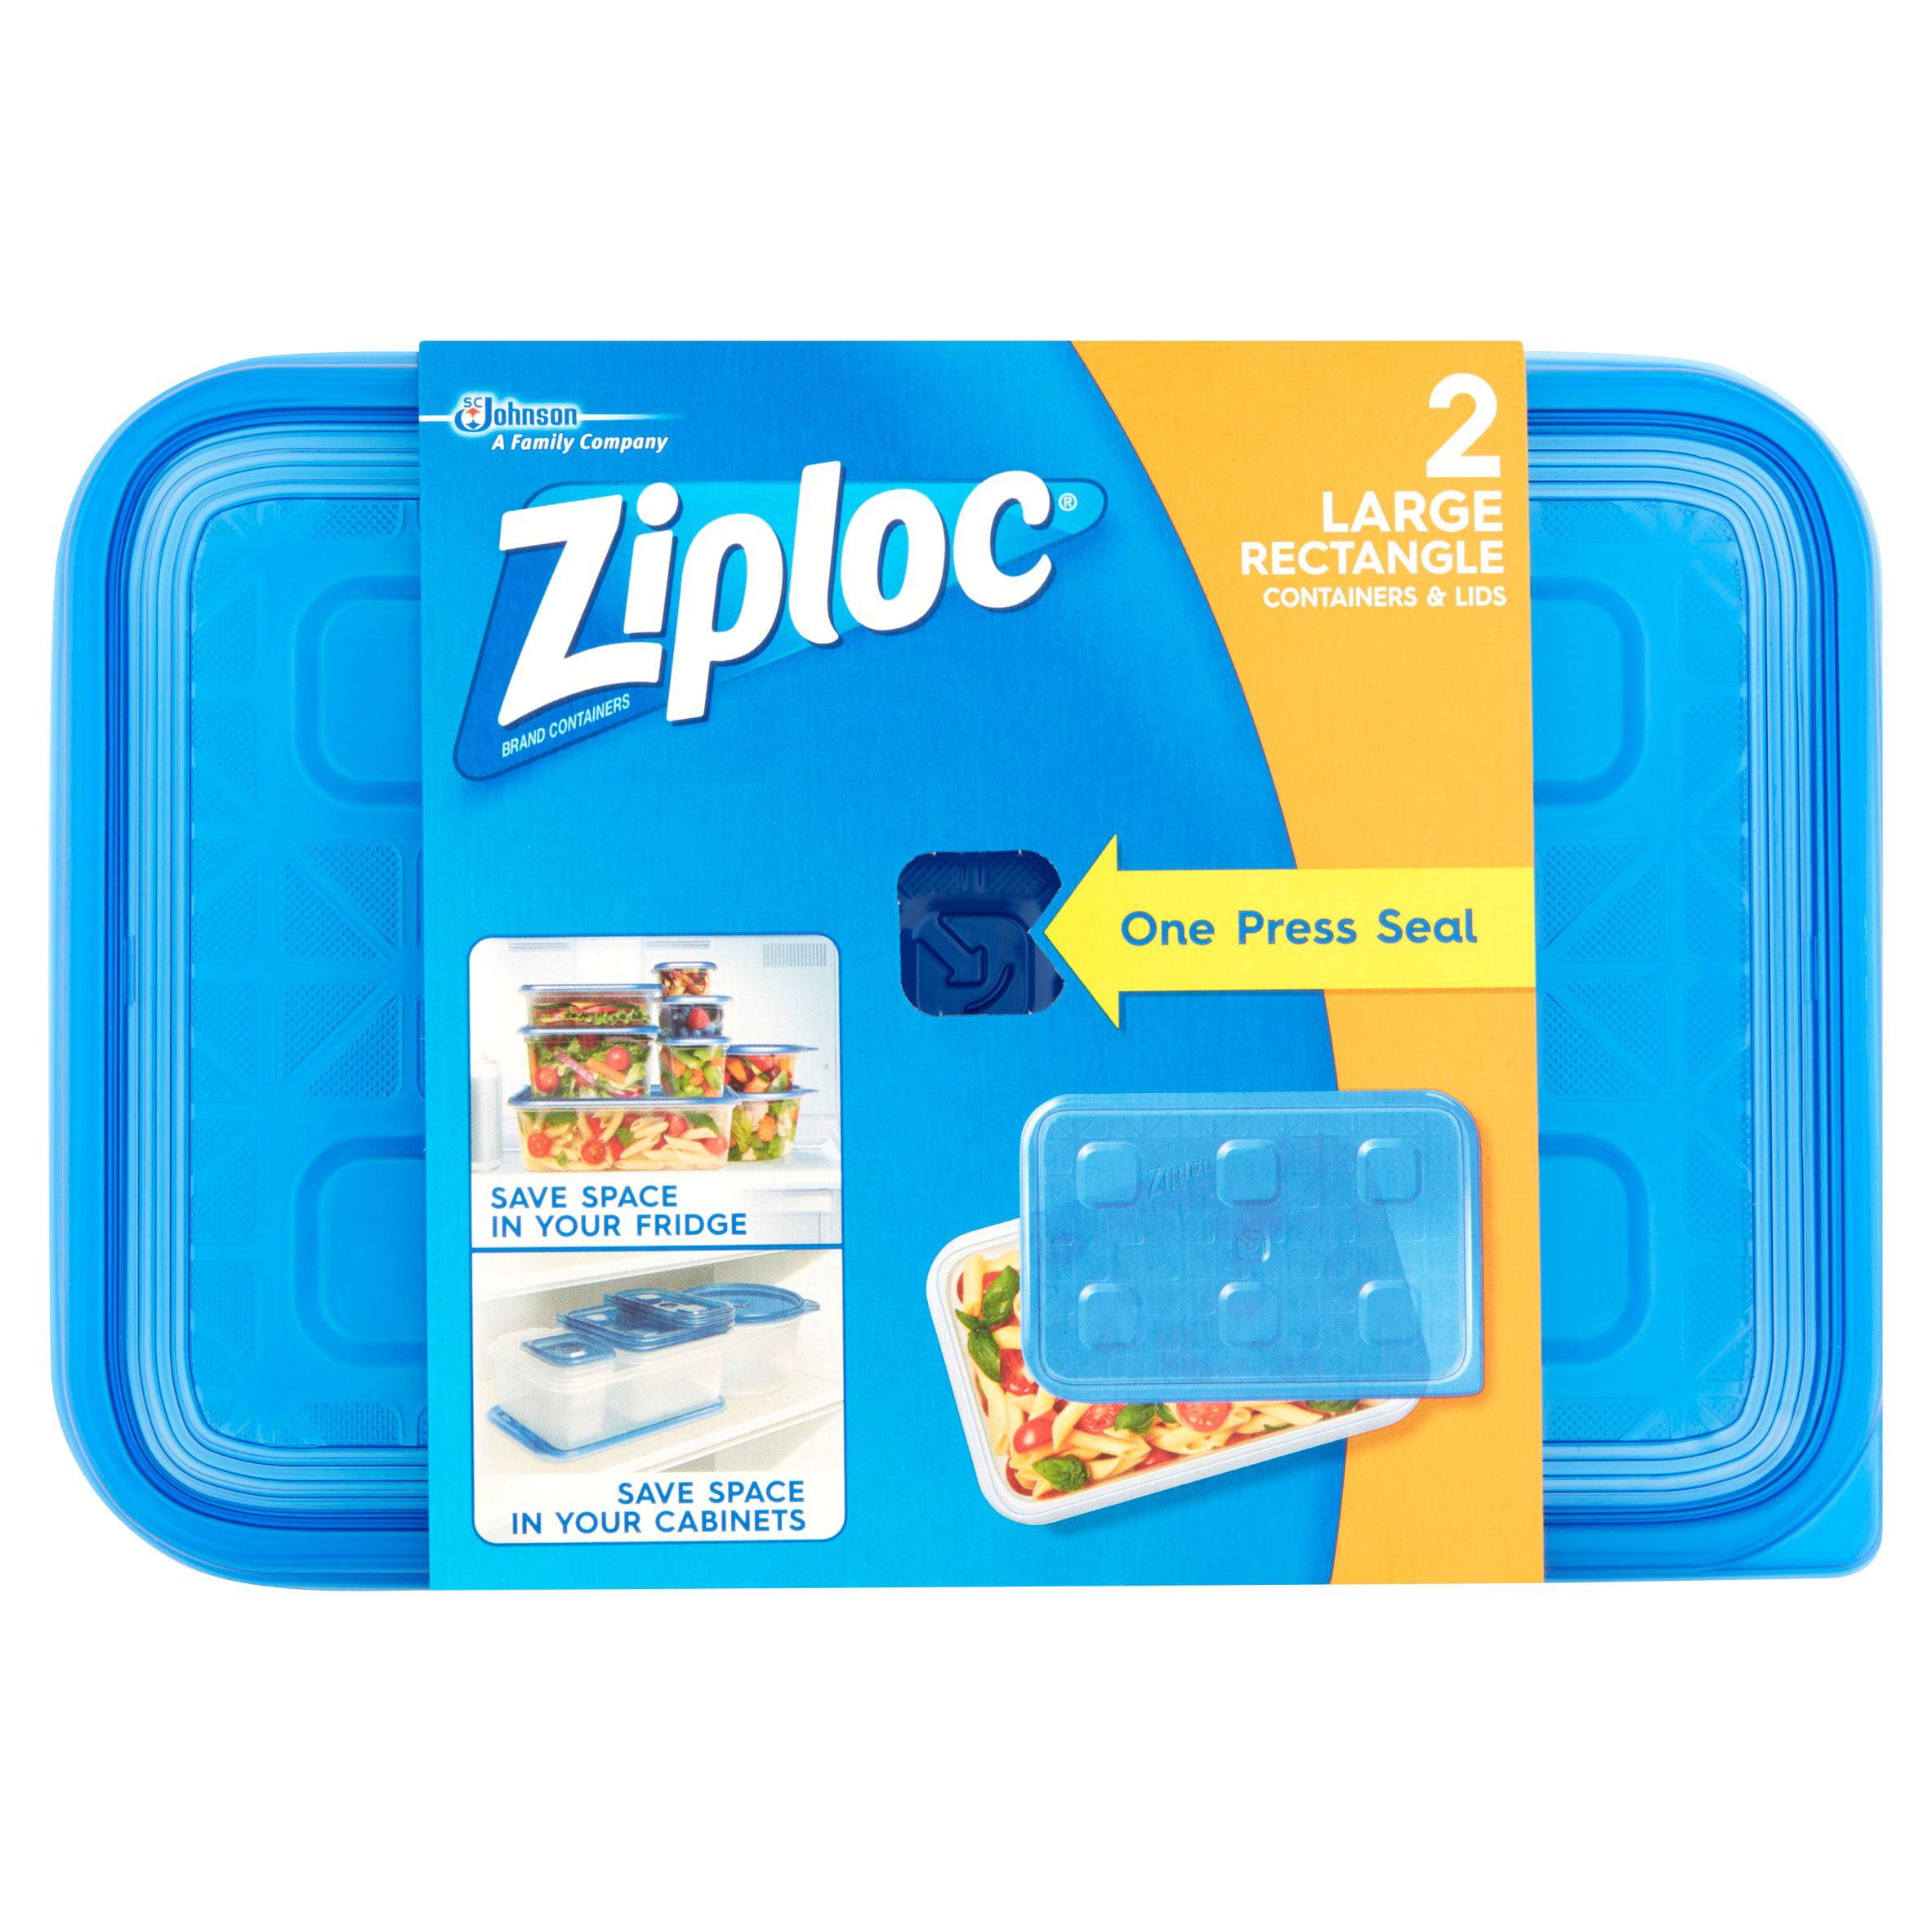 SC Johnson Ziploc 2.25 qt Large Rectangle Container & Lids, 2 count